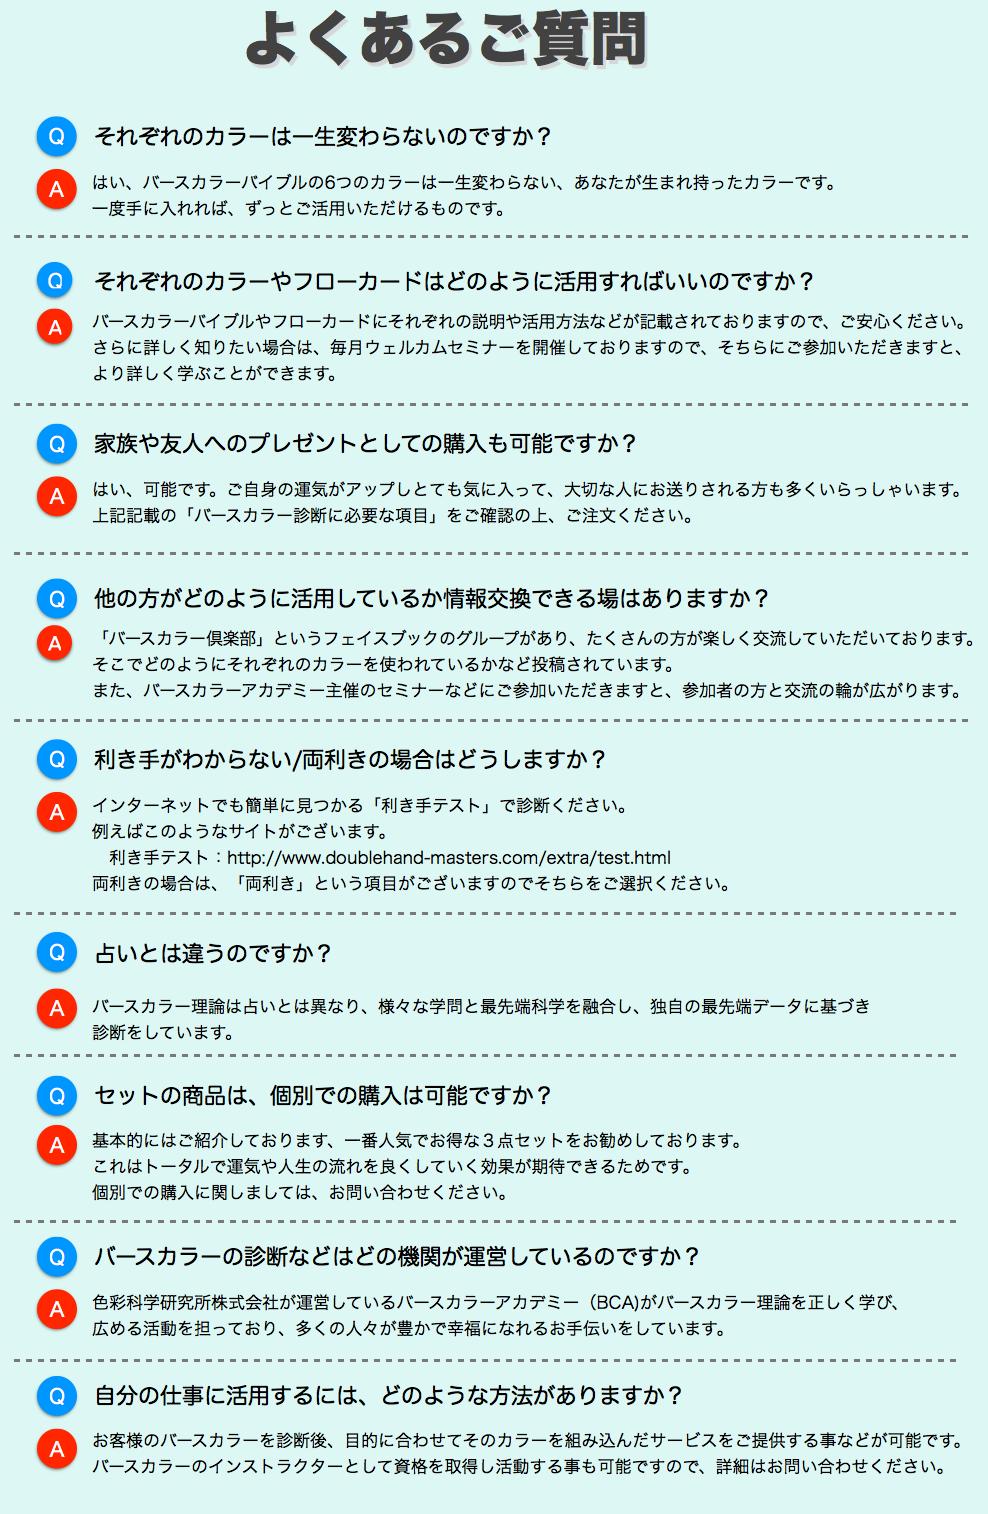 よくあるご質問4